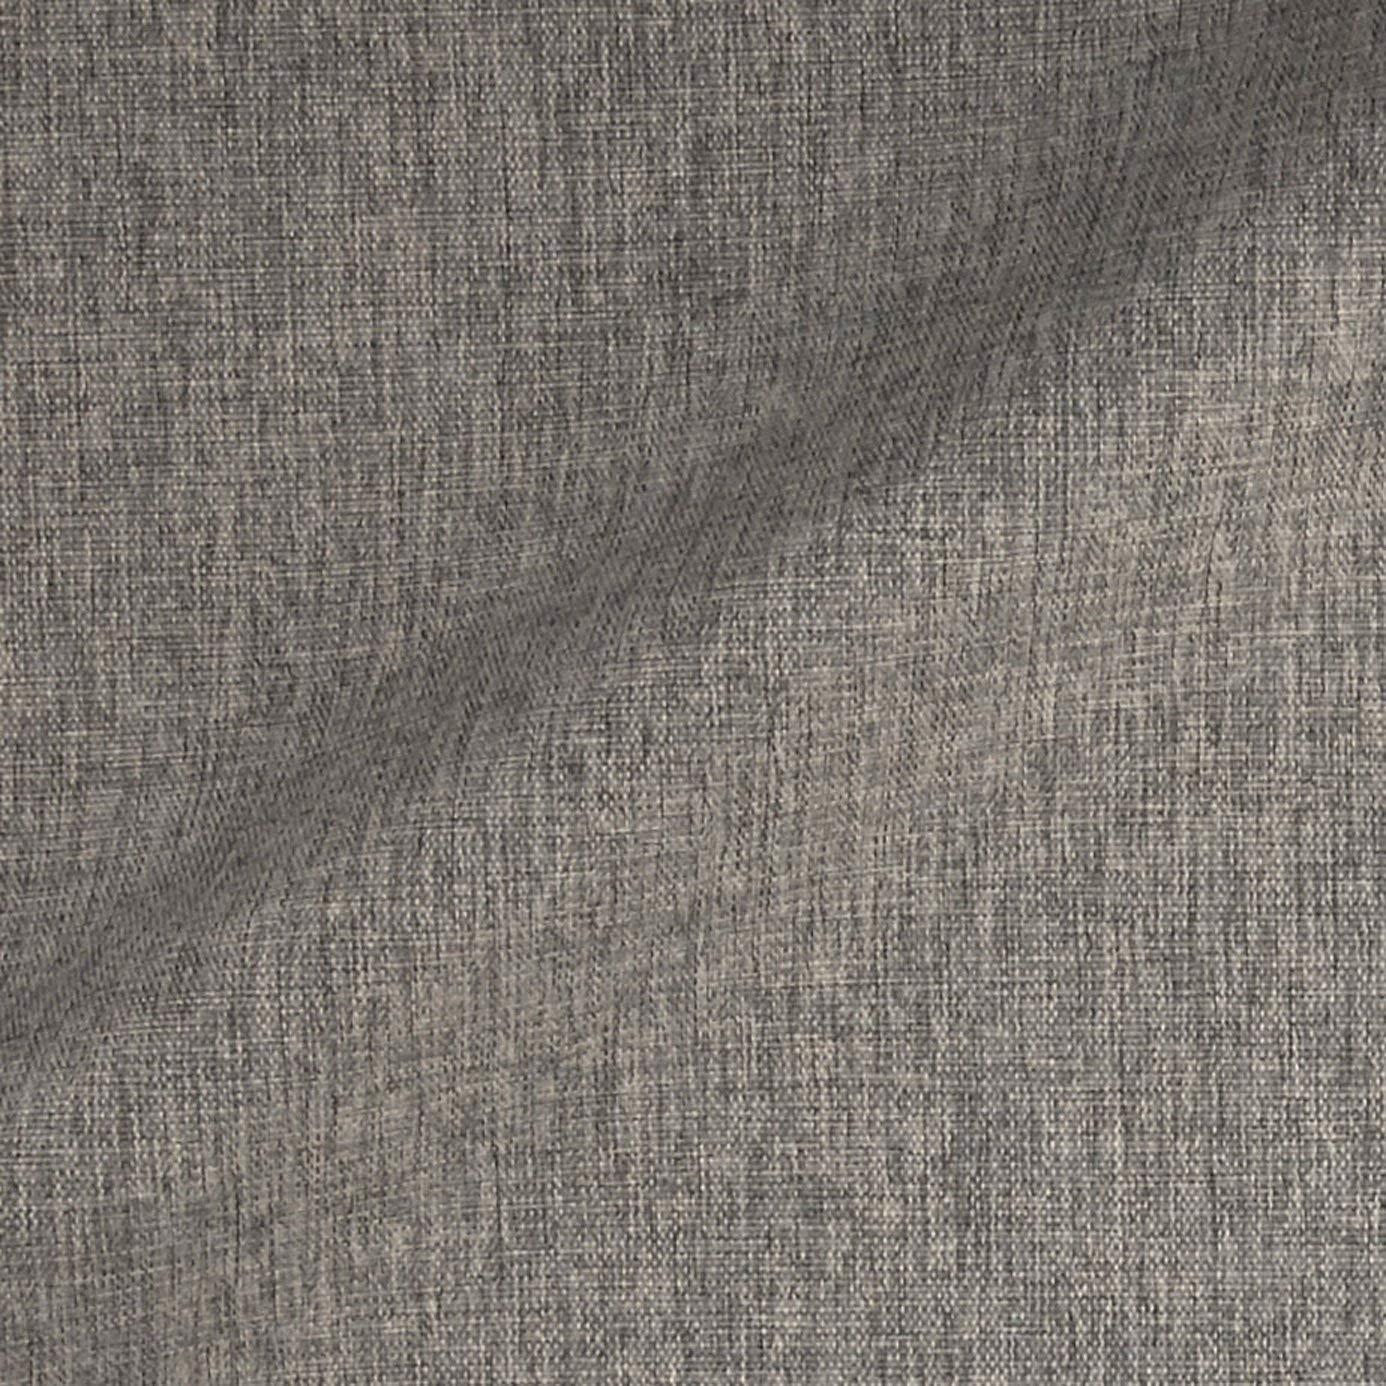 Ähnlich wie Polyester ist Olefin unglaublich funktional und kostengünstig